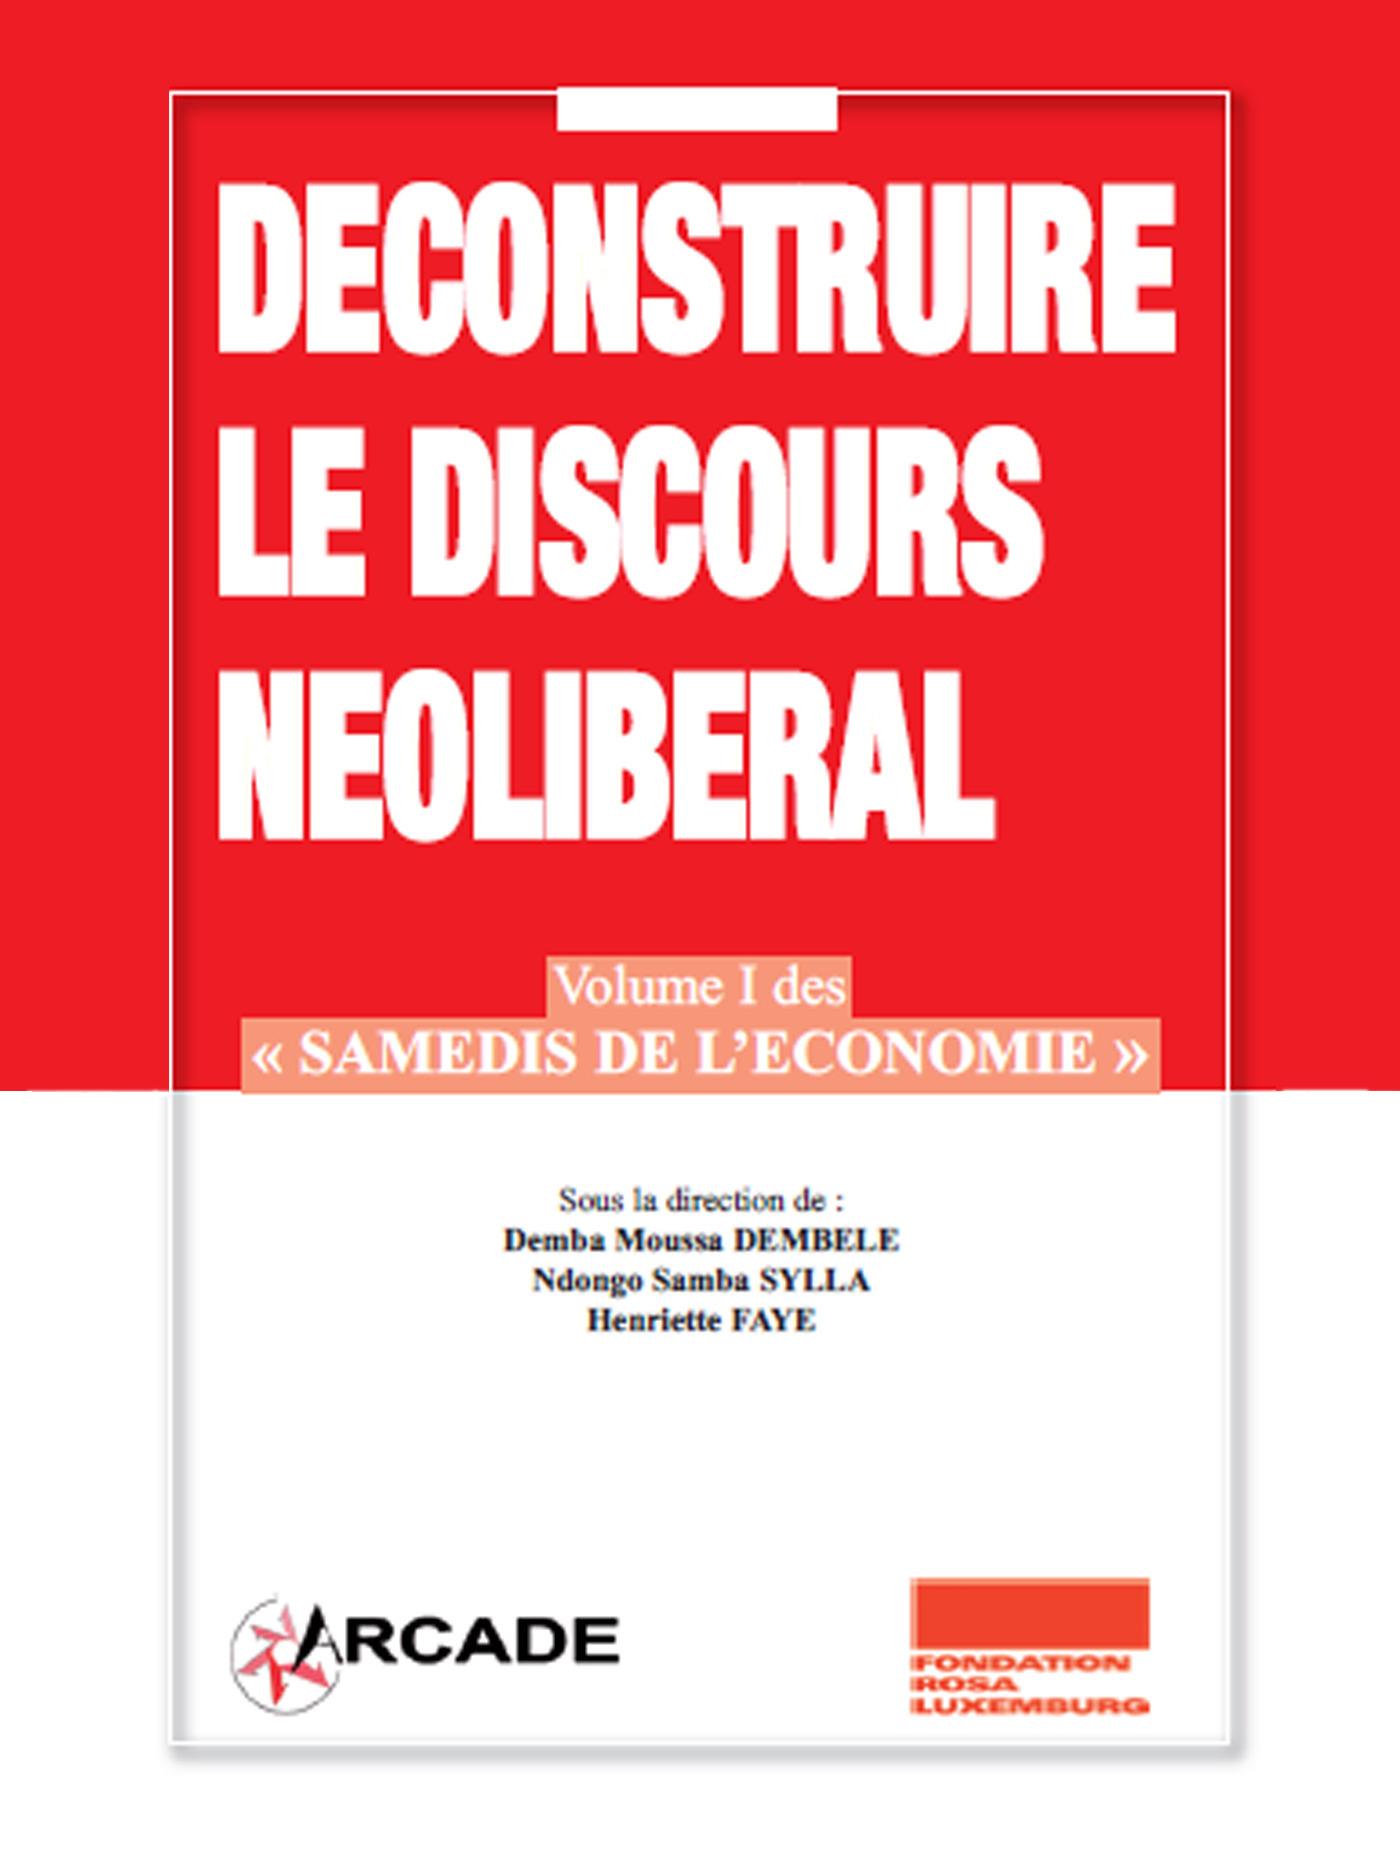 Déconstruire le discours néolibéral